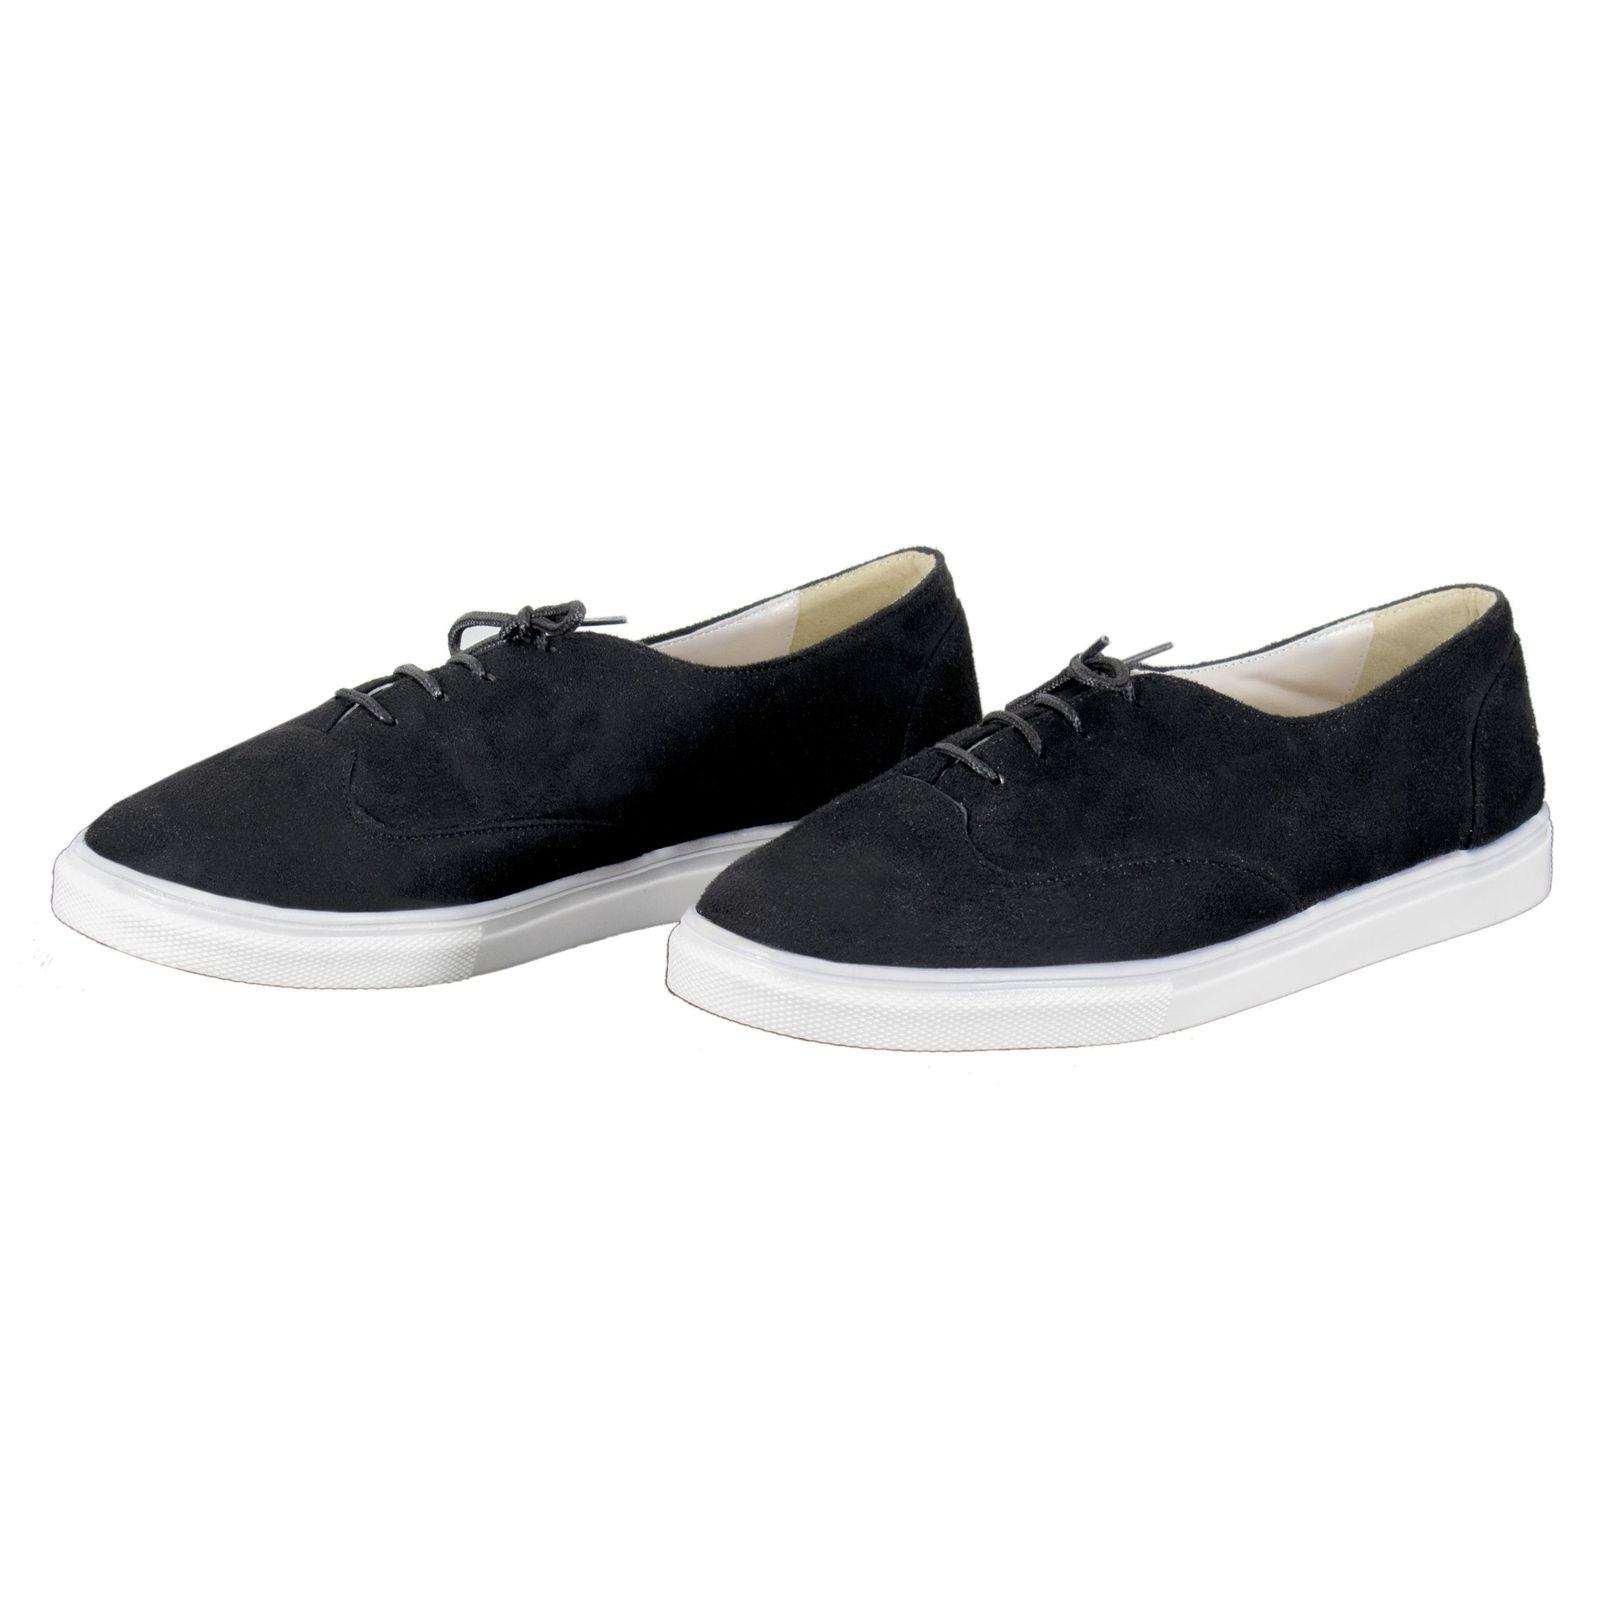 کفش روزمره زنانه آذاردو مدل W03705 main 1 2